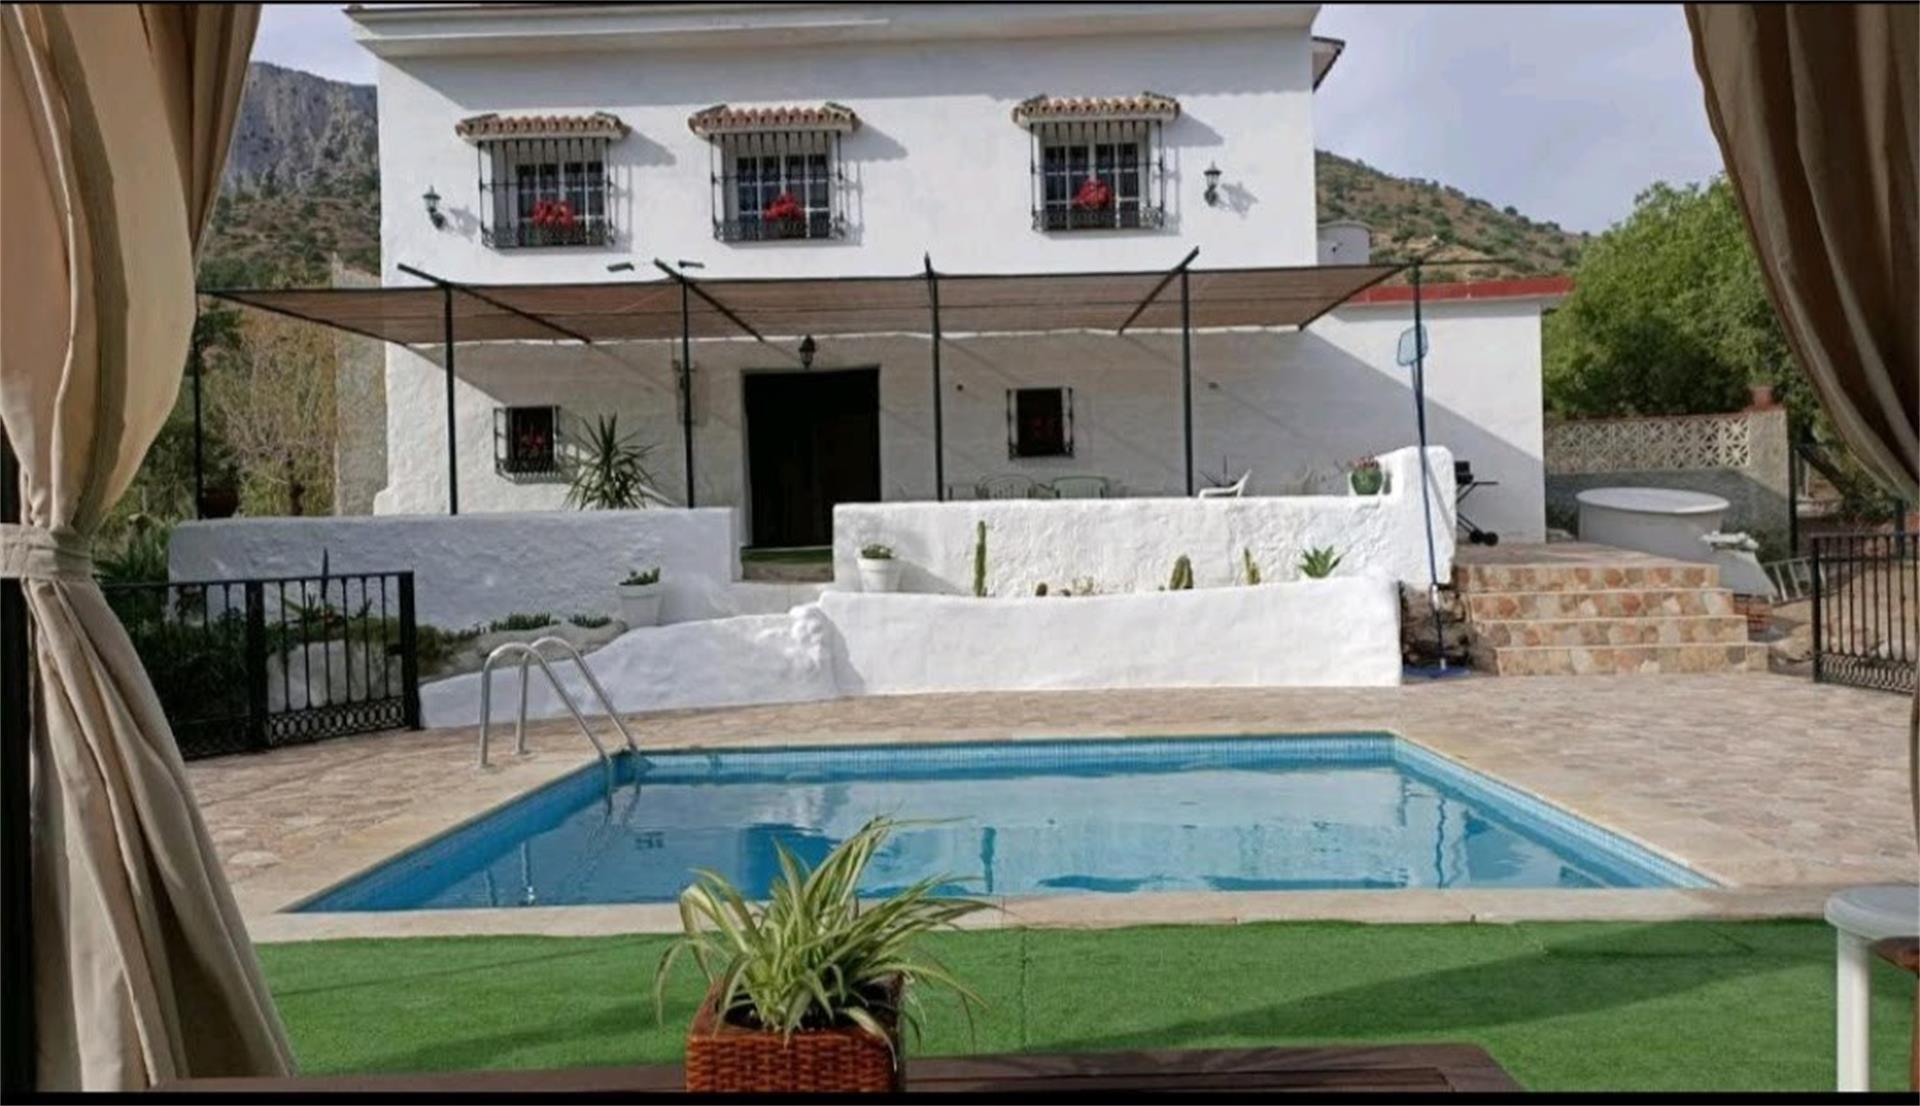 Finca rústica de alquiler en Calle el Chorro, 5, Álora (Álora, Málaga)